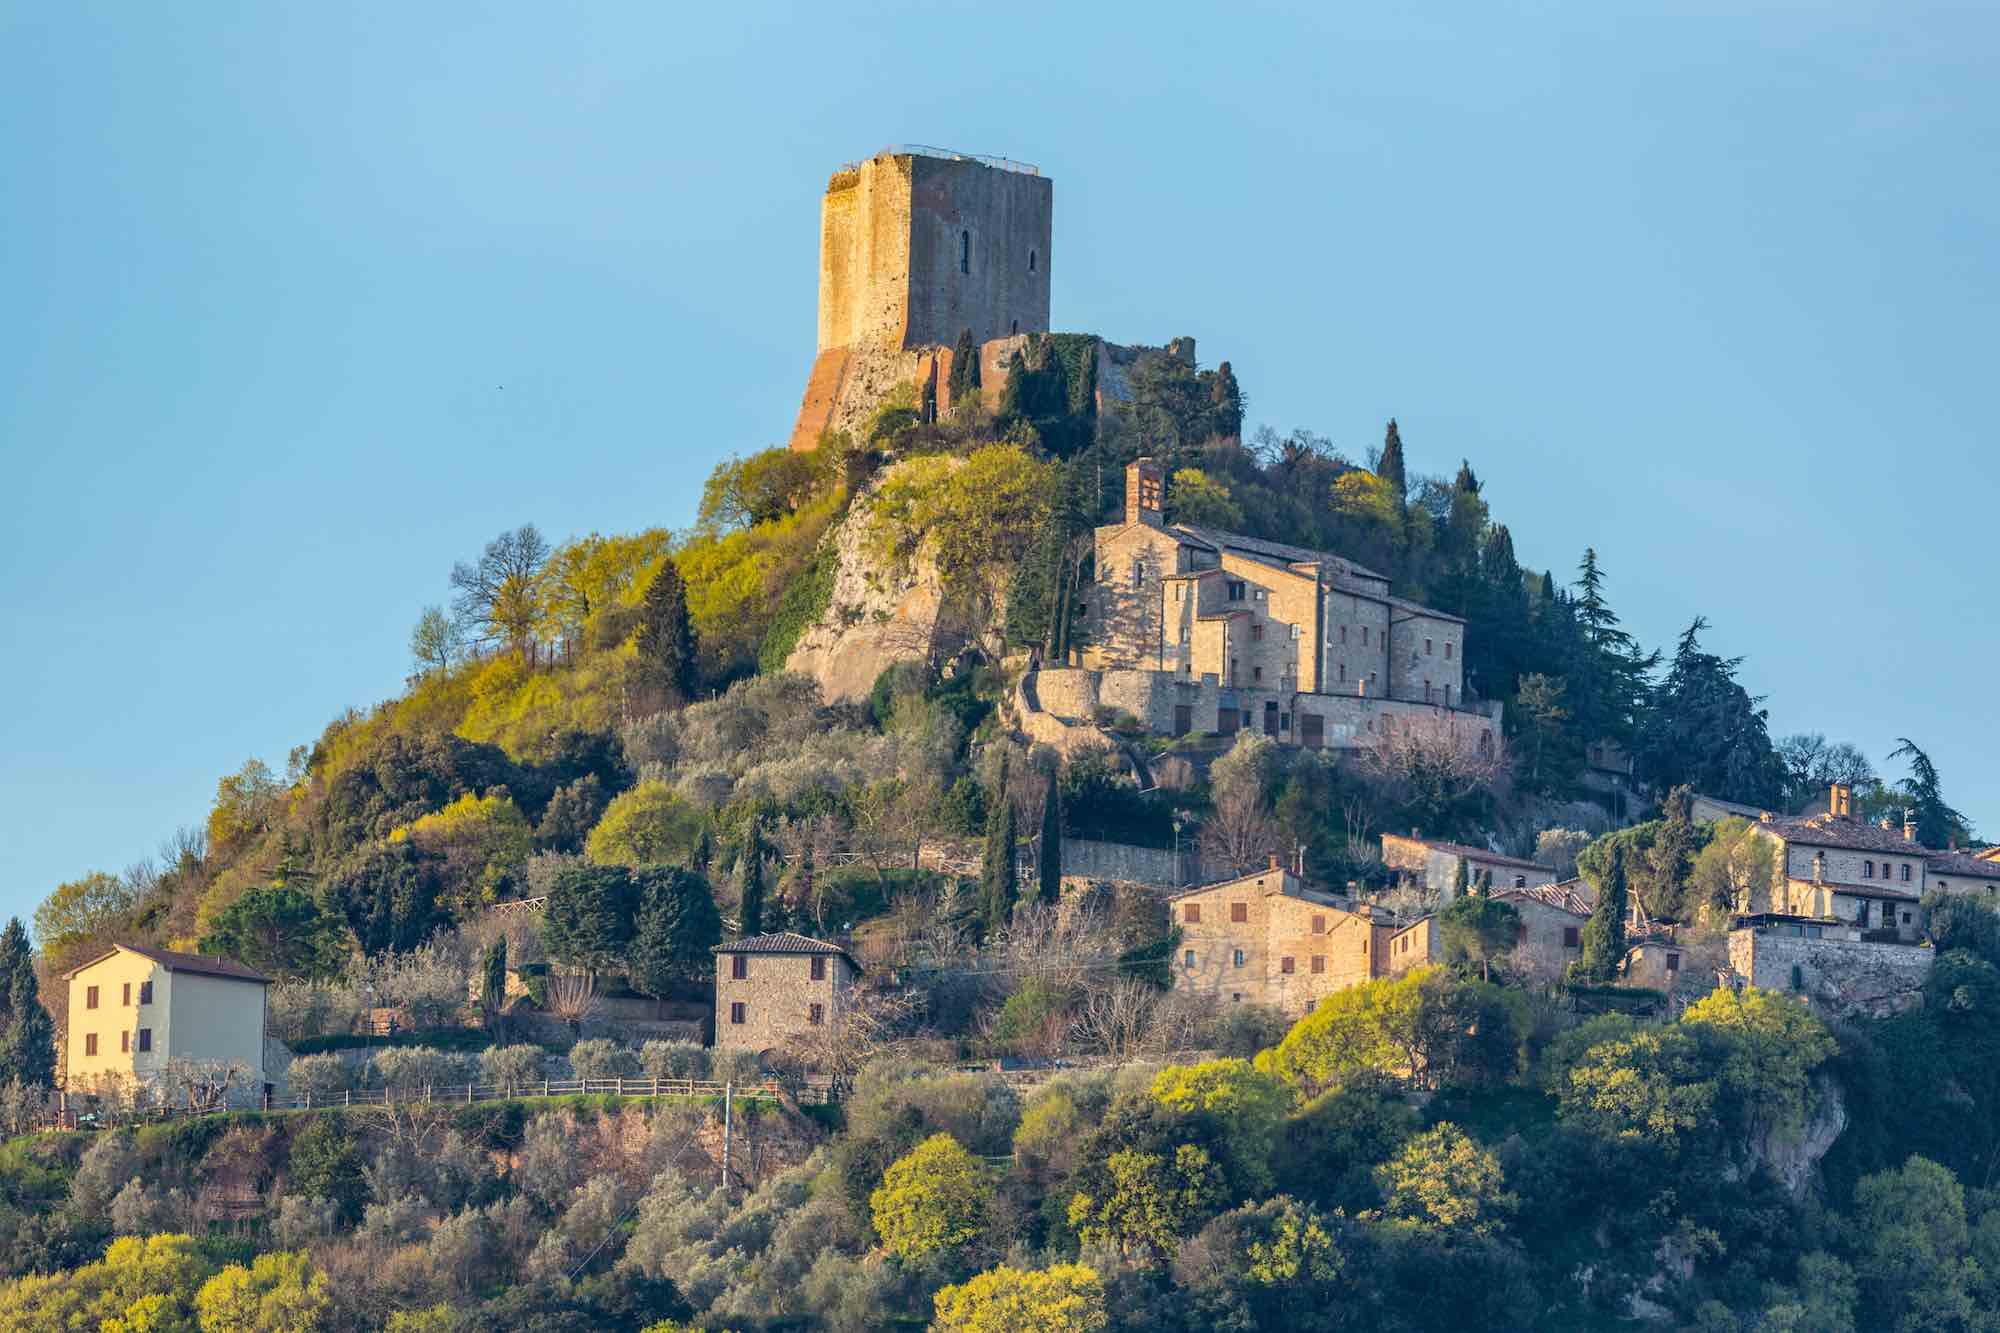 La Rocca di Tintinnano nel piccolo borgo di Rocca d'Orcia in Toscana